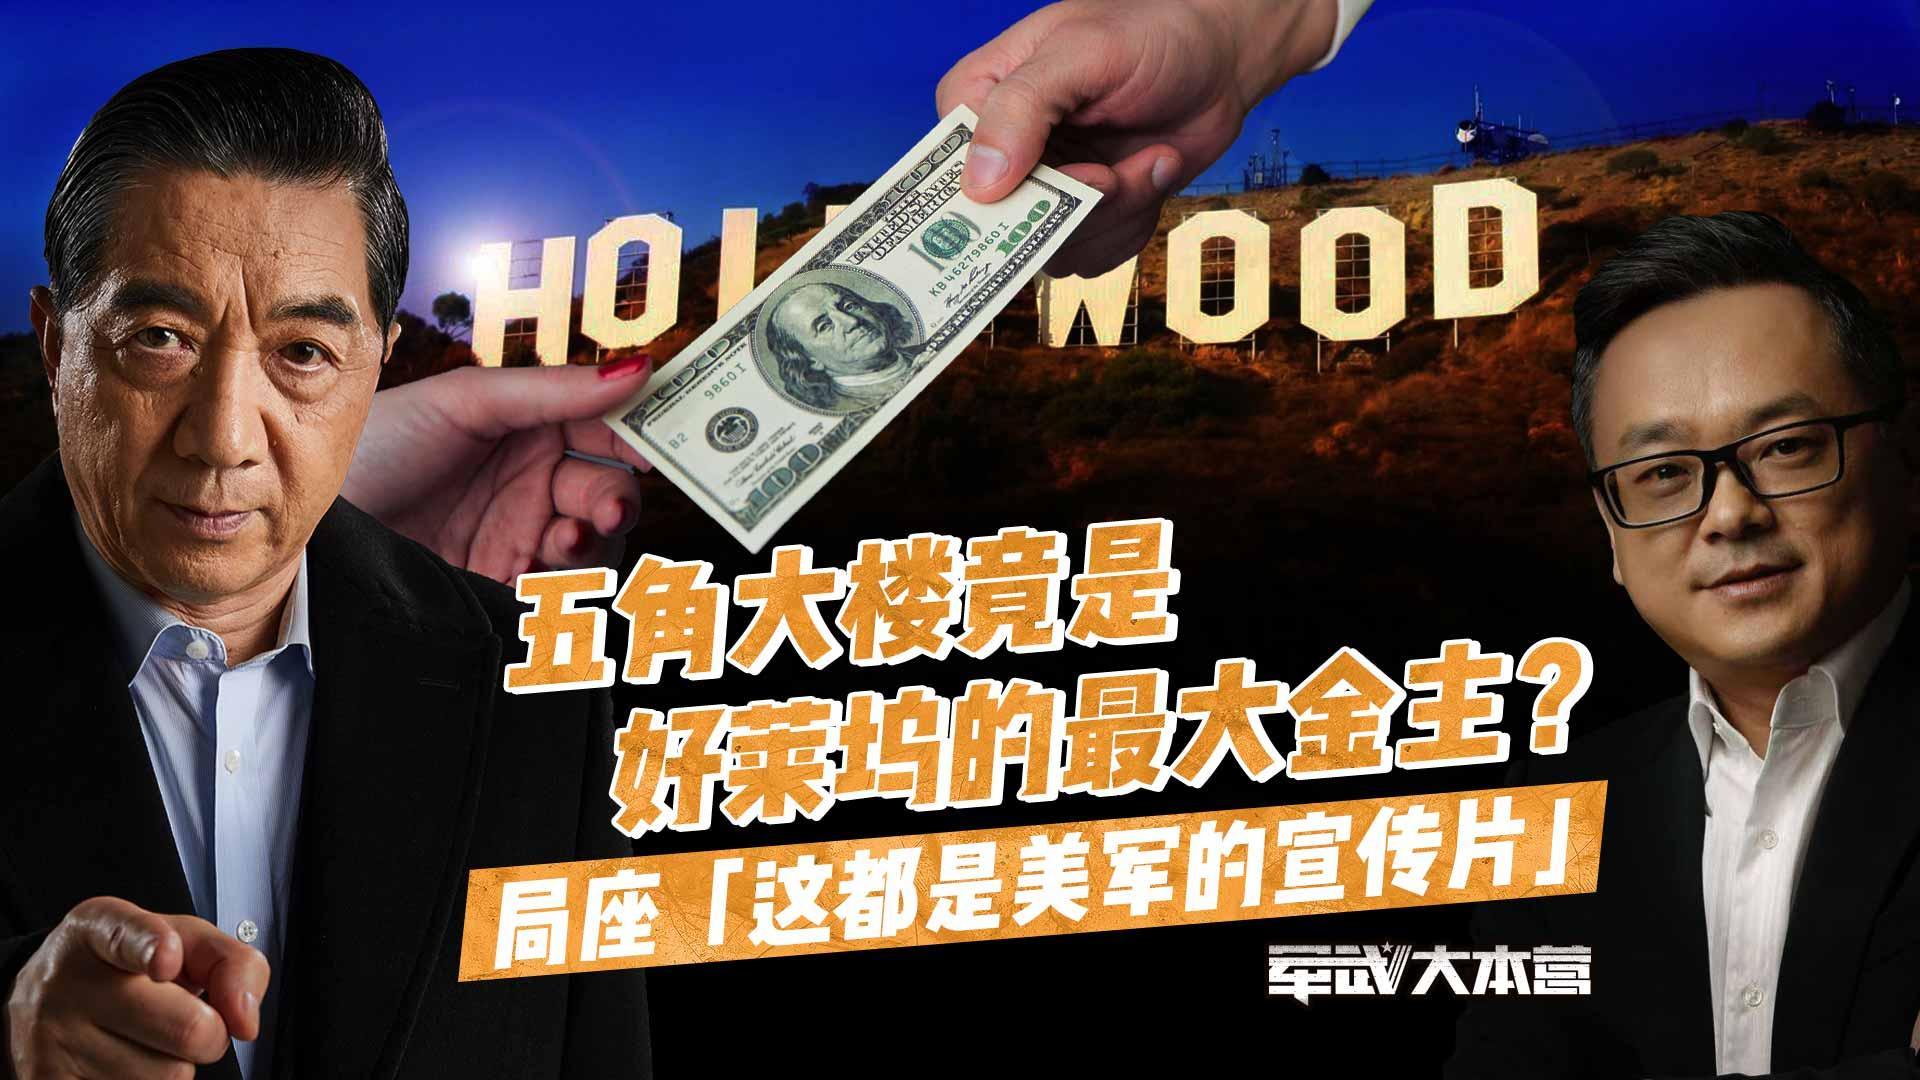 五角大楼竟是好莱坞的最大金主?局座:这都是美军的宣传片